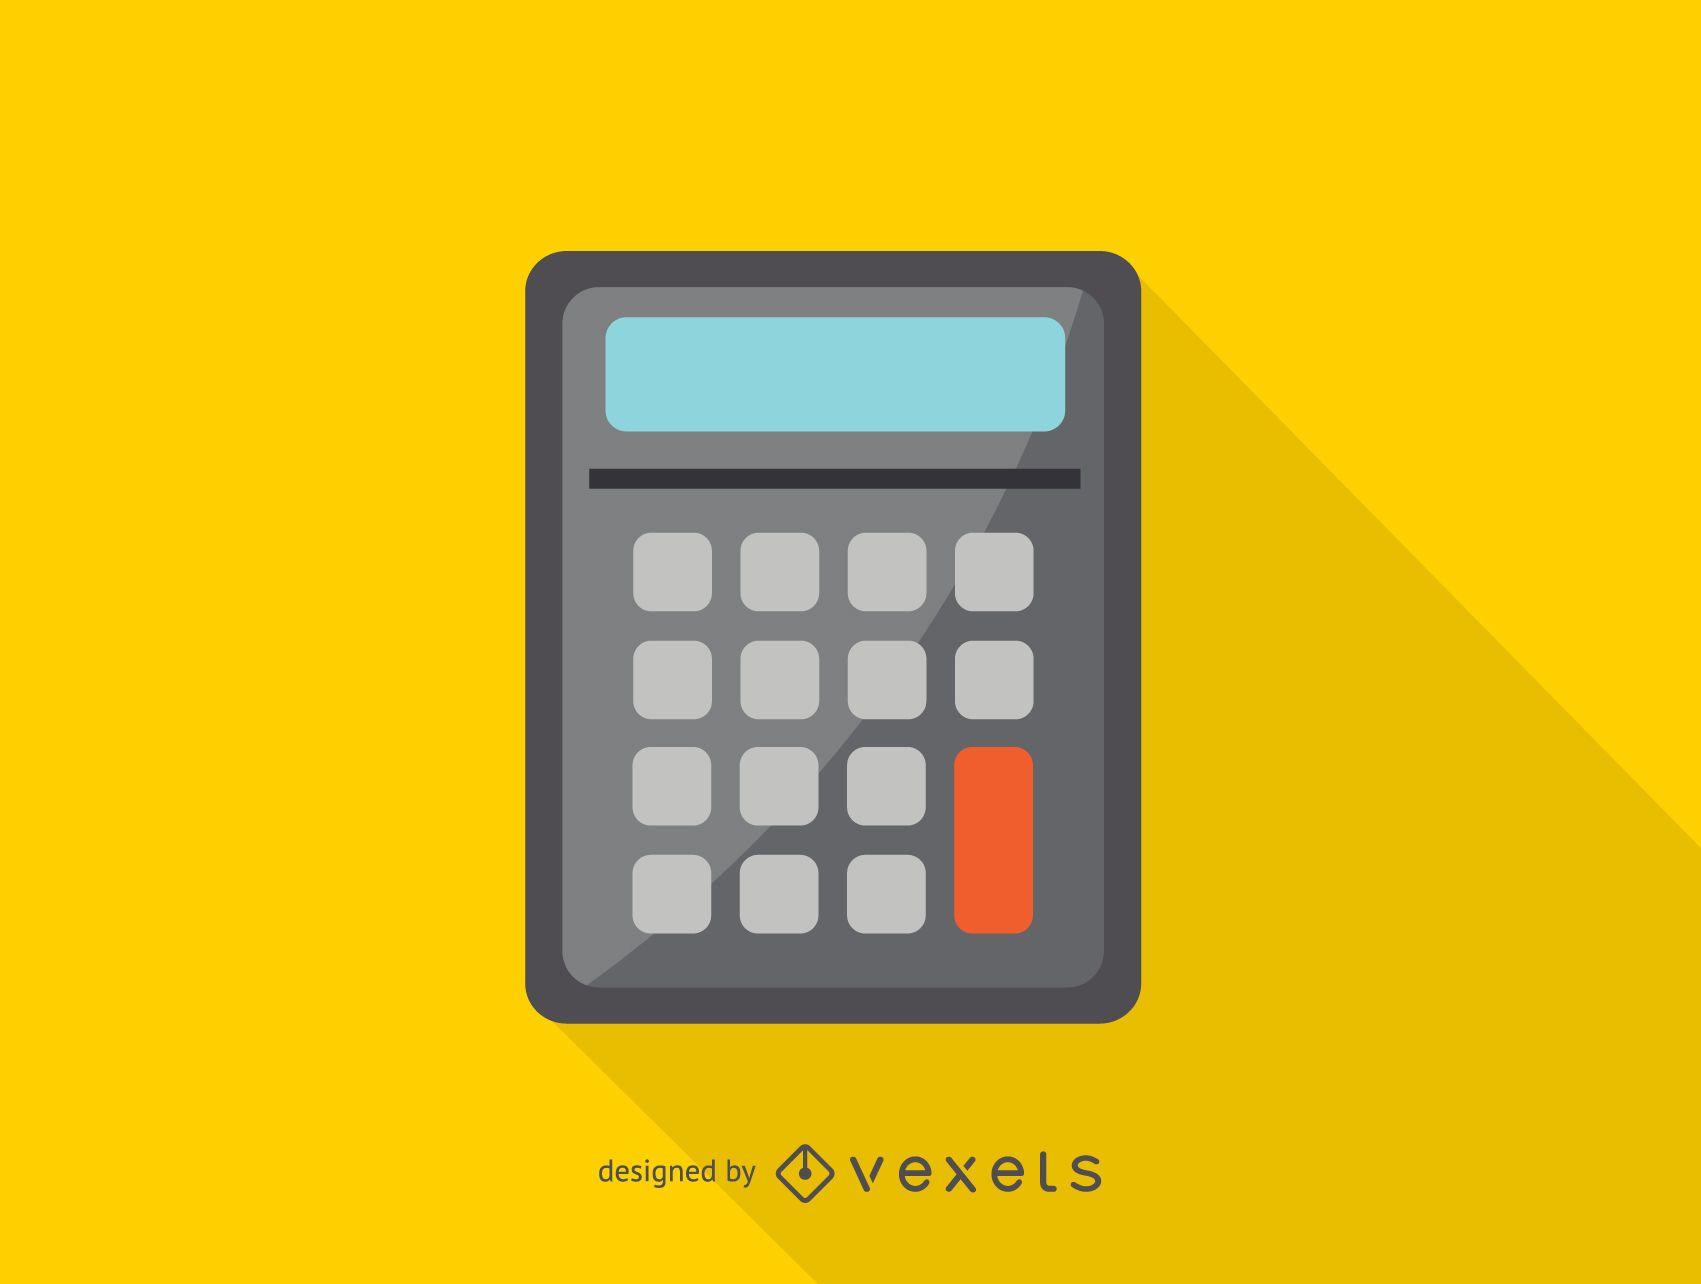 Icono de calculadora simple